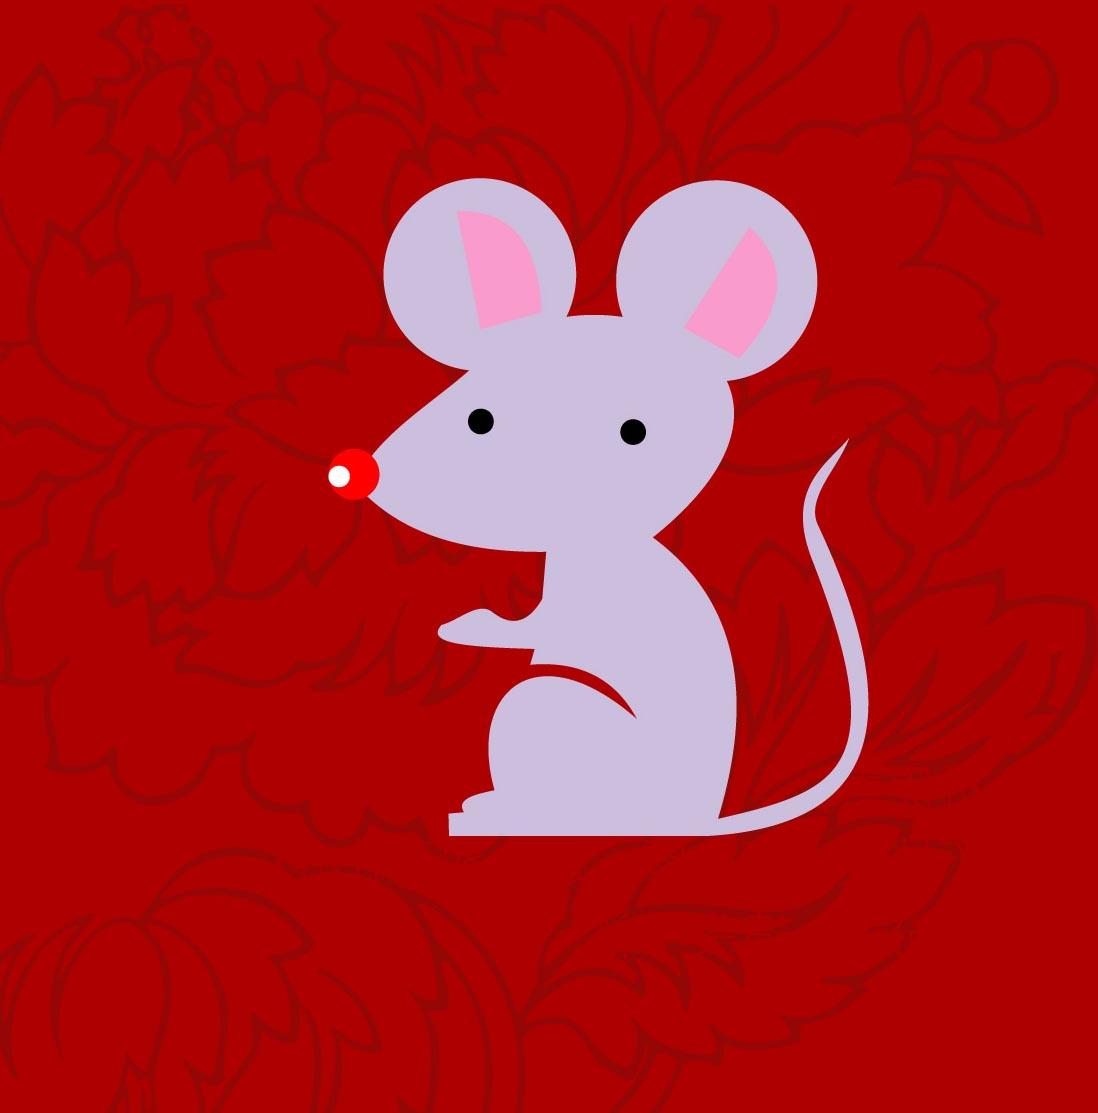 幼儿园新年图片:可爱的小老鼠13 分享到:     图片